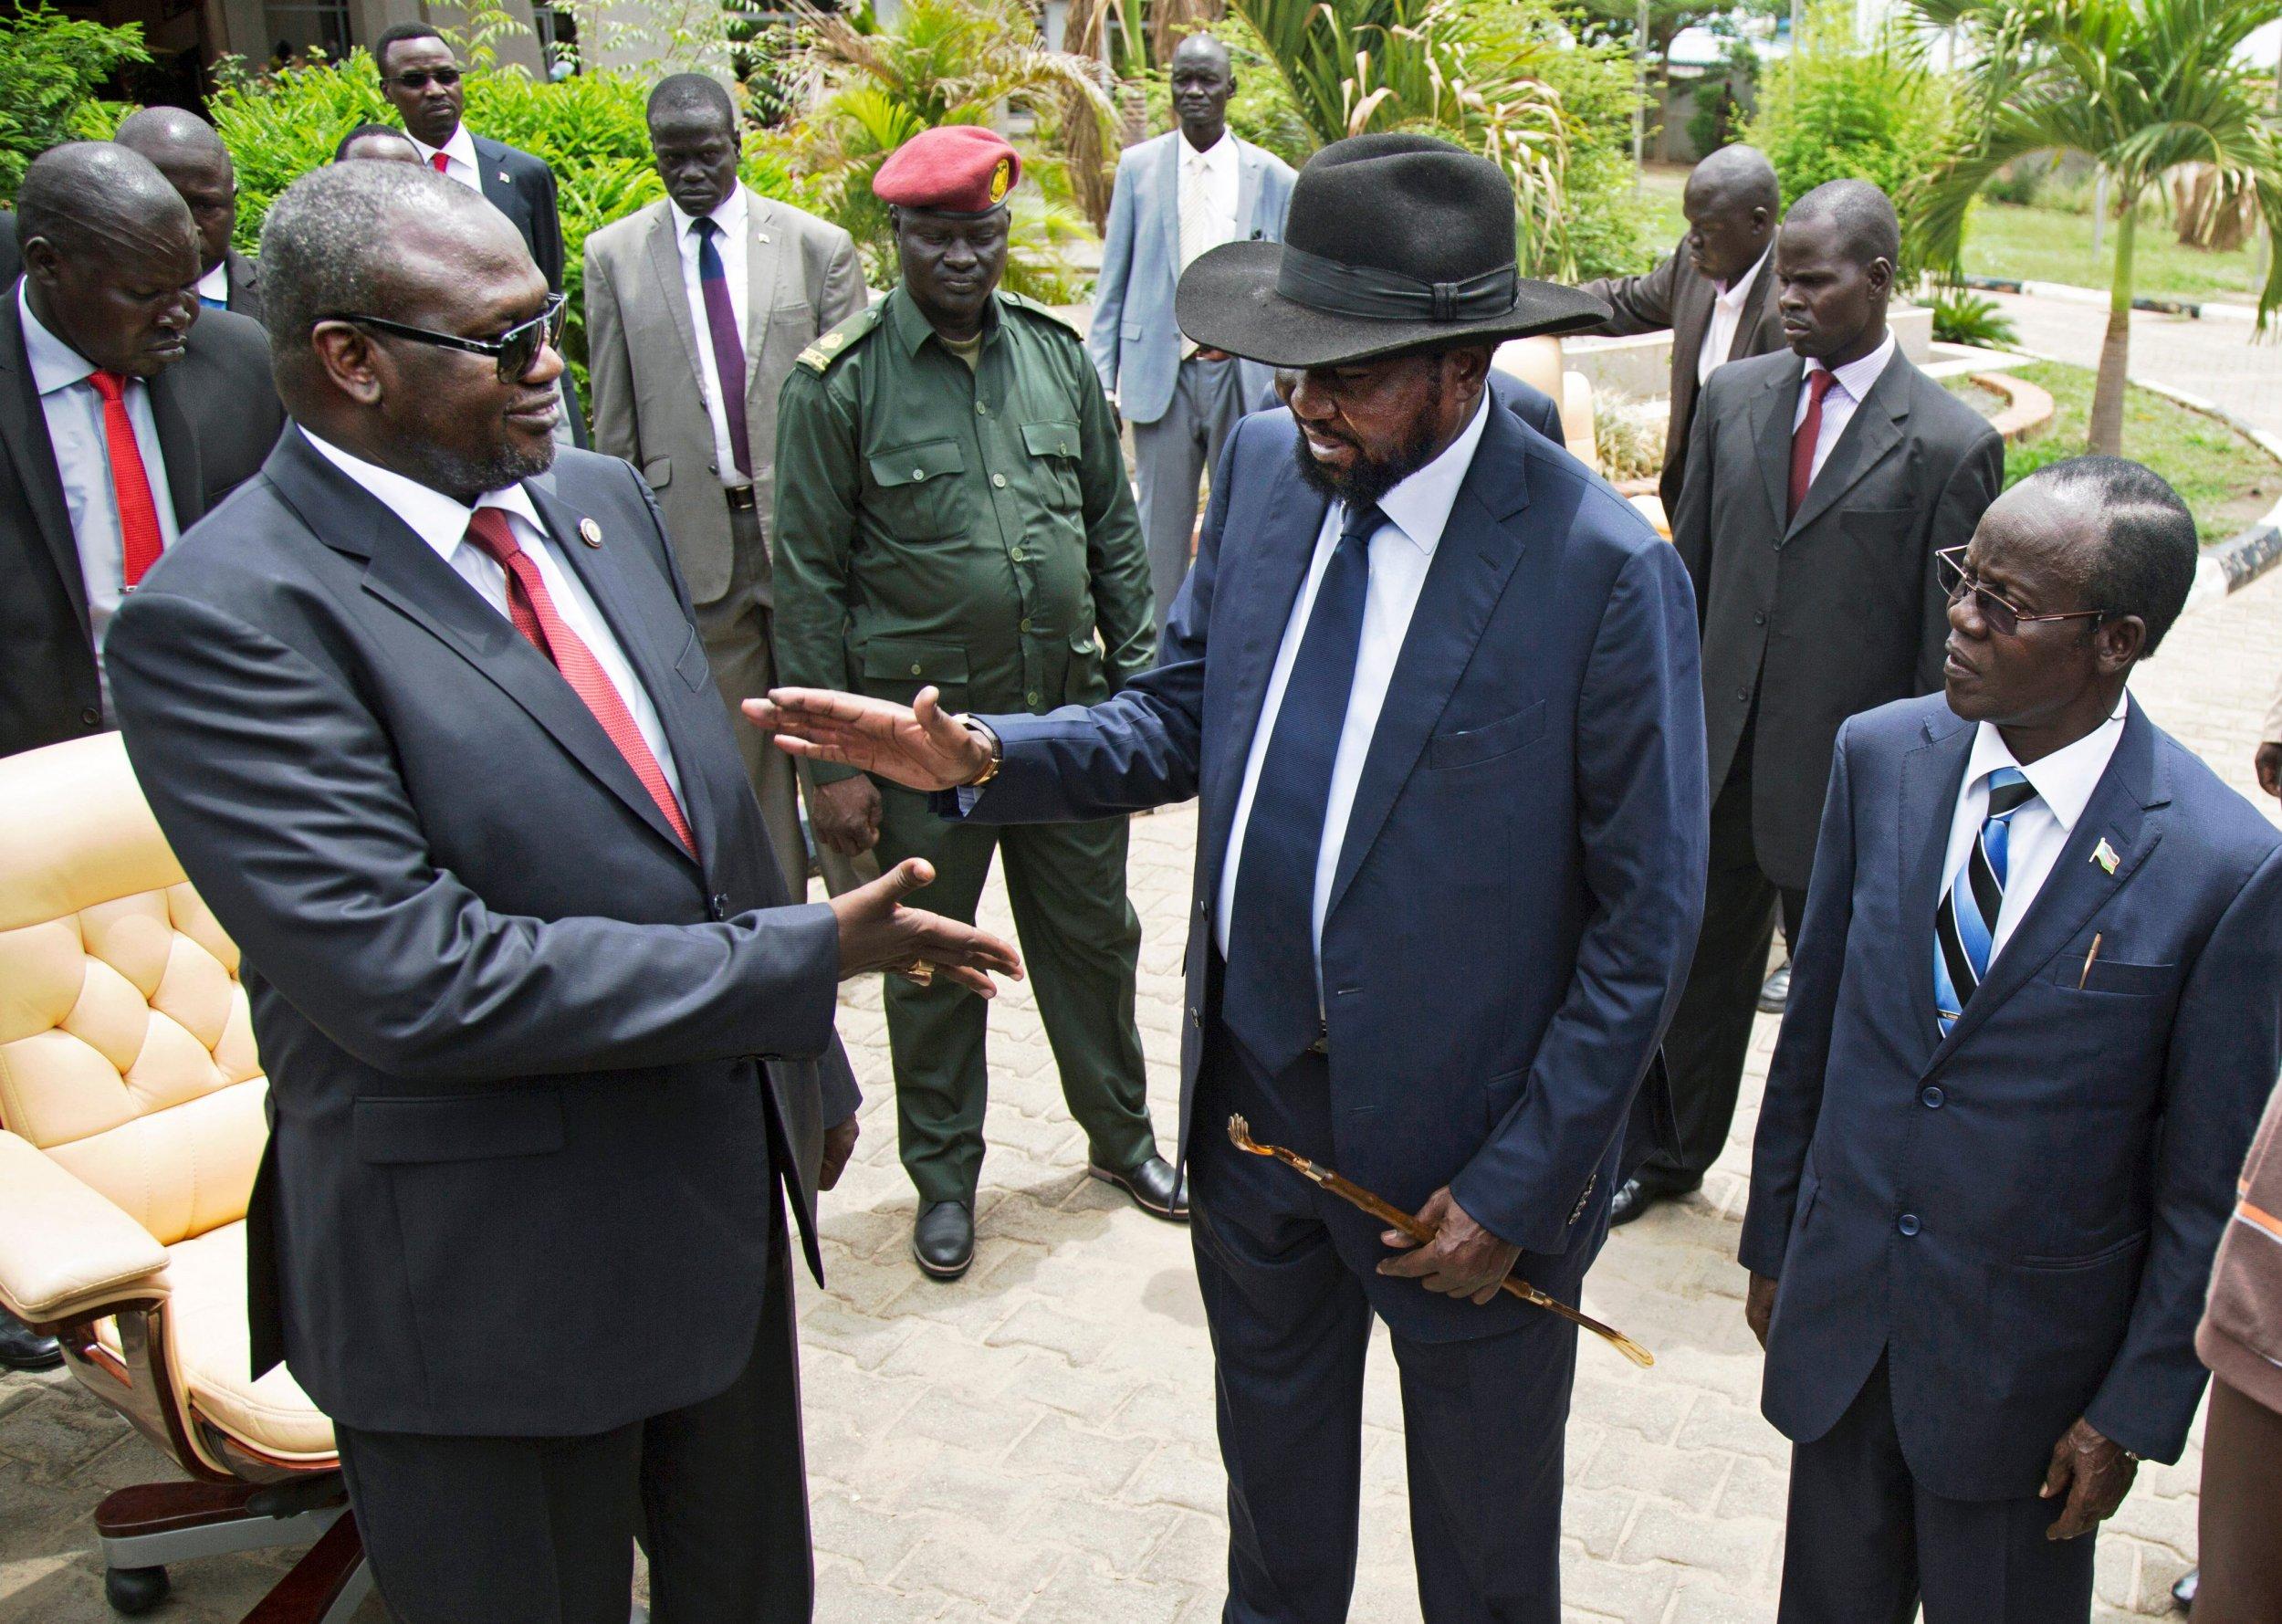 Riek Machar and Salva Kiir in South Sudan.